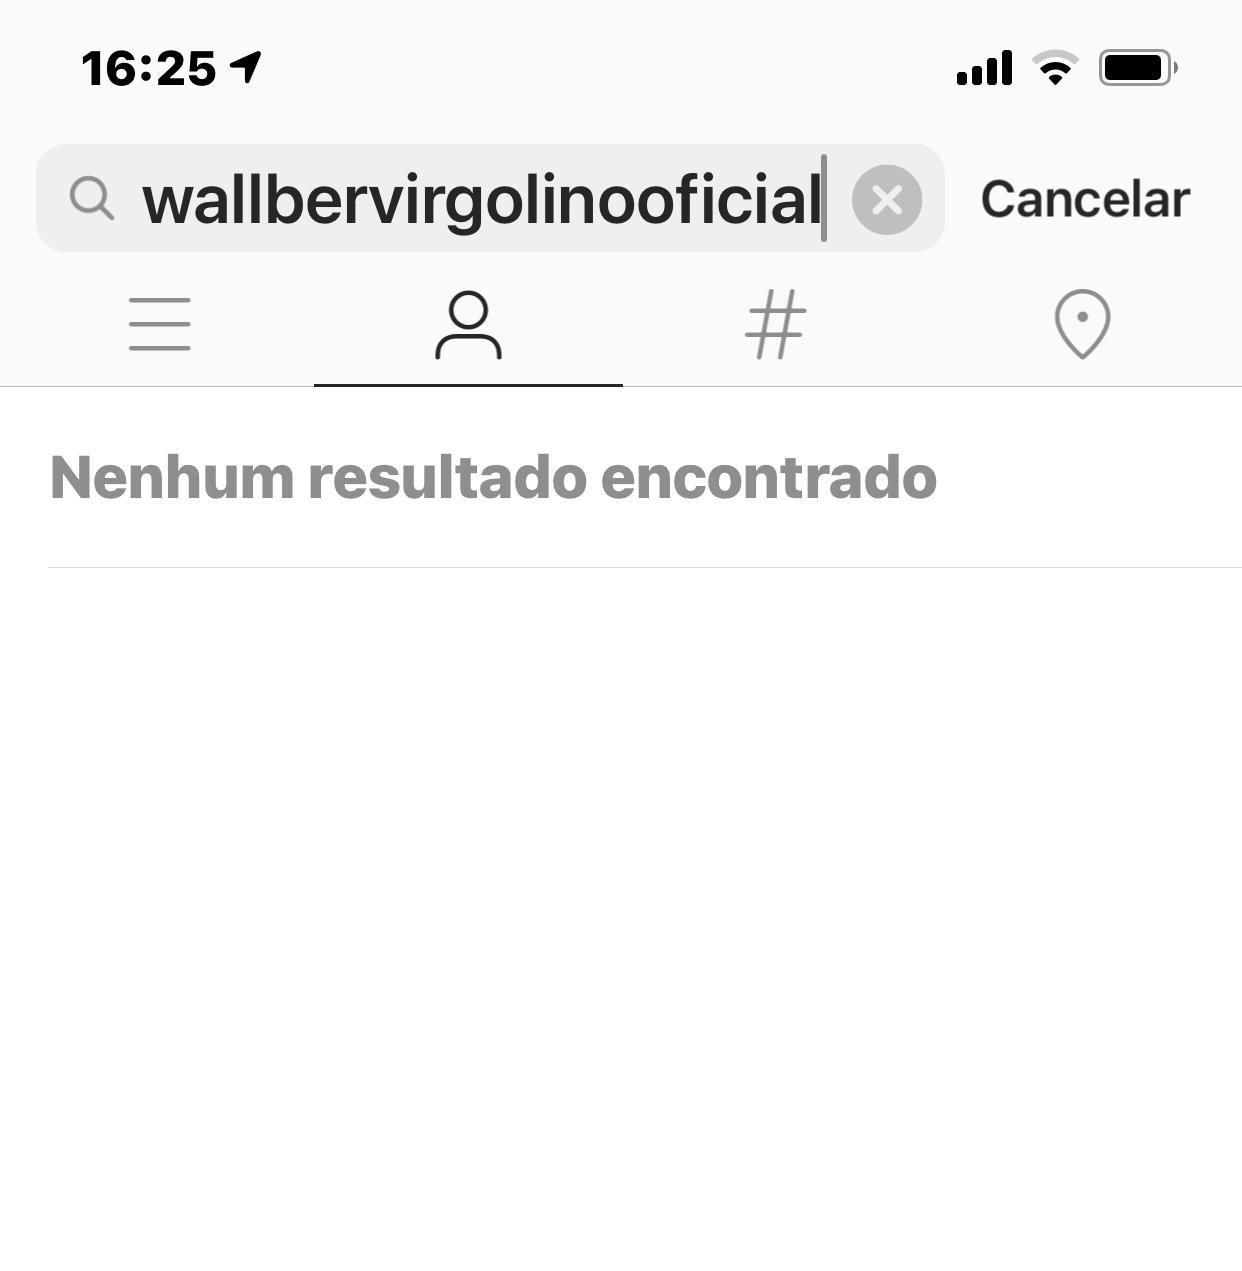 WhatsApp Image 2020 10 12 at 16.25.57 - Hackers invadem redes sociais de Wallber Virgolino, pedem dinheiro a seguidores e compartilham pornografia, diz candidato